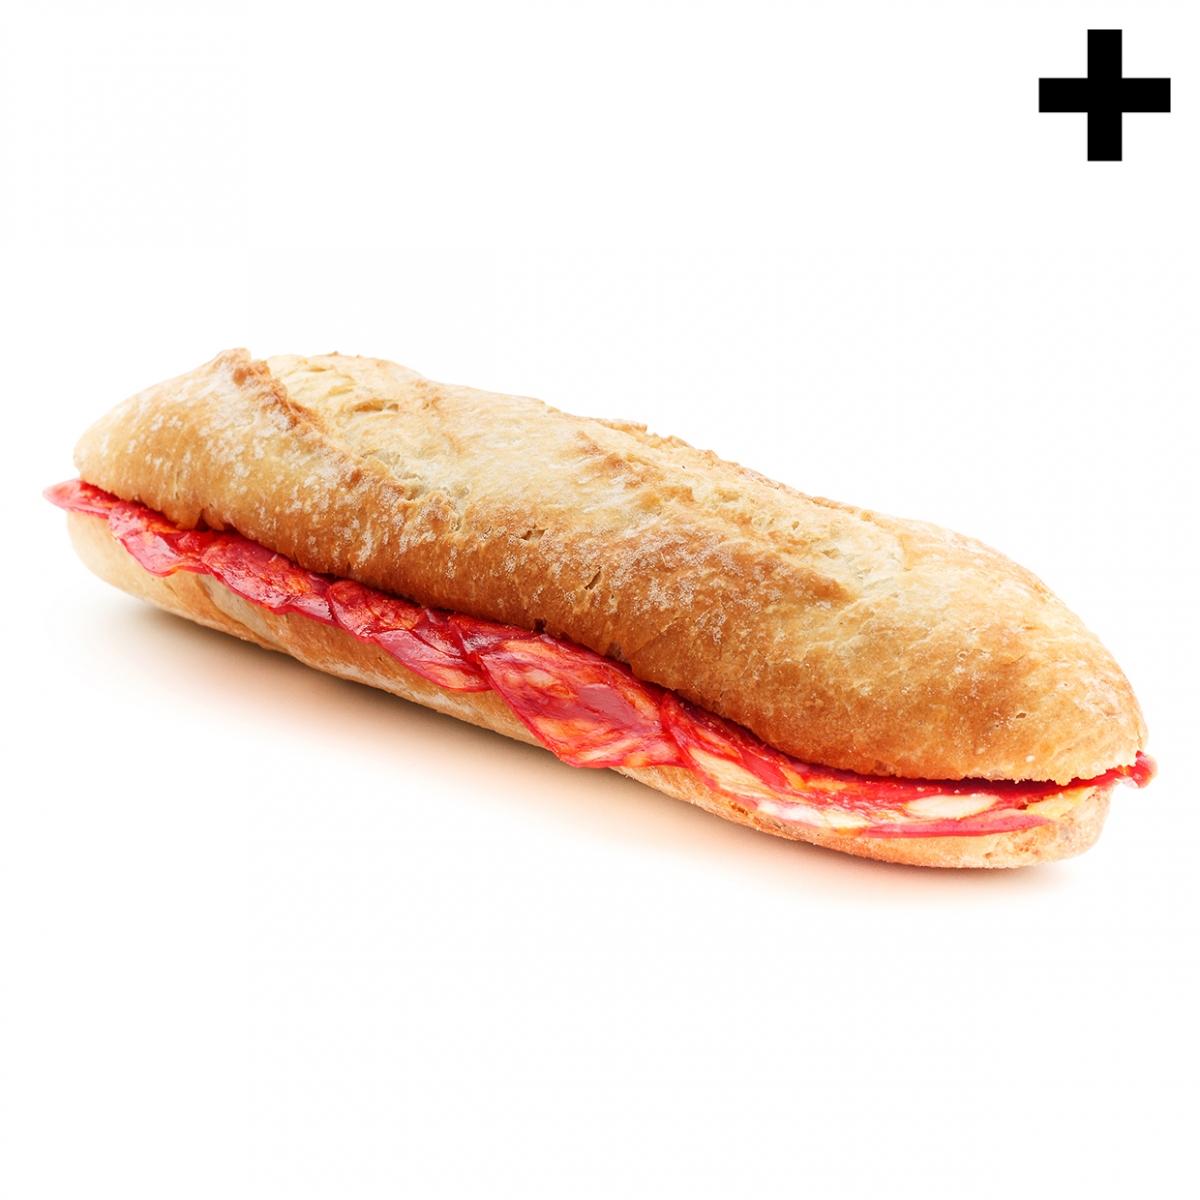 Imagen en la que se ve una barra de pan abierta por la mitad con rodajas de chorizo en su interior